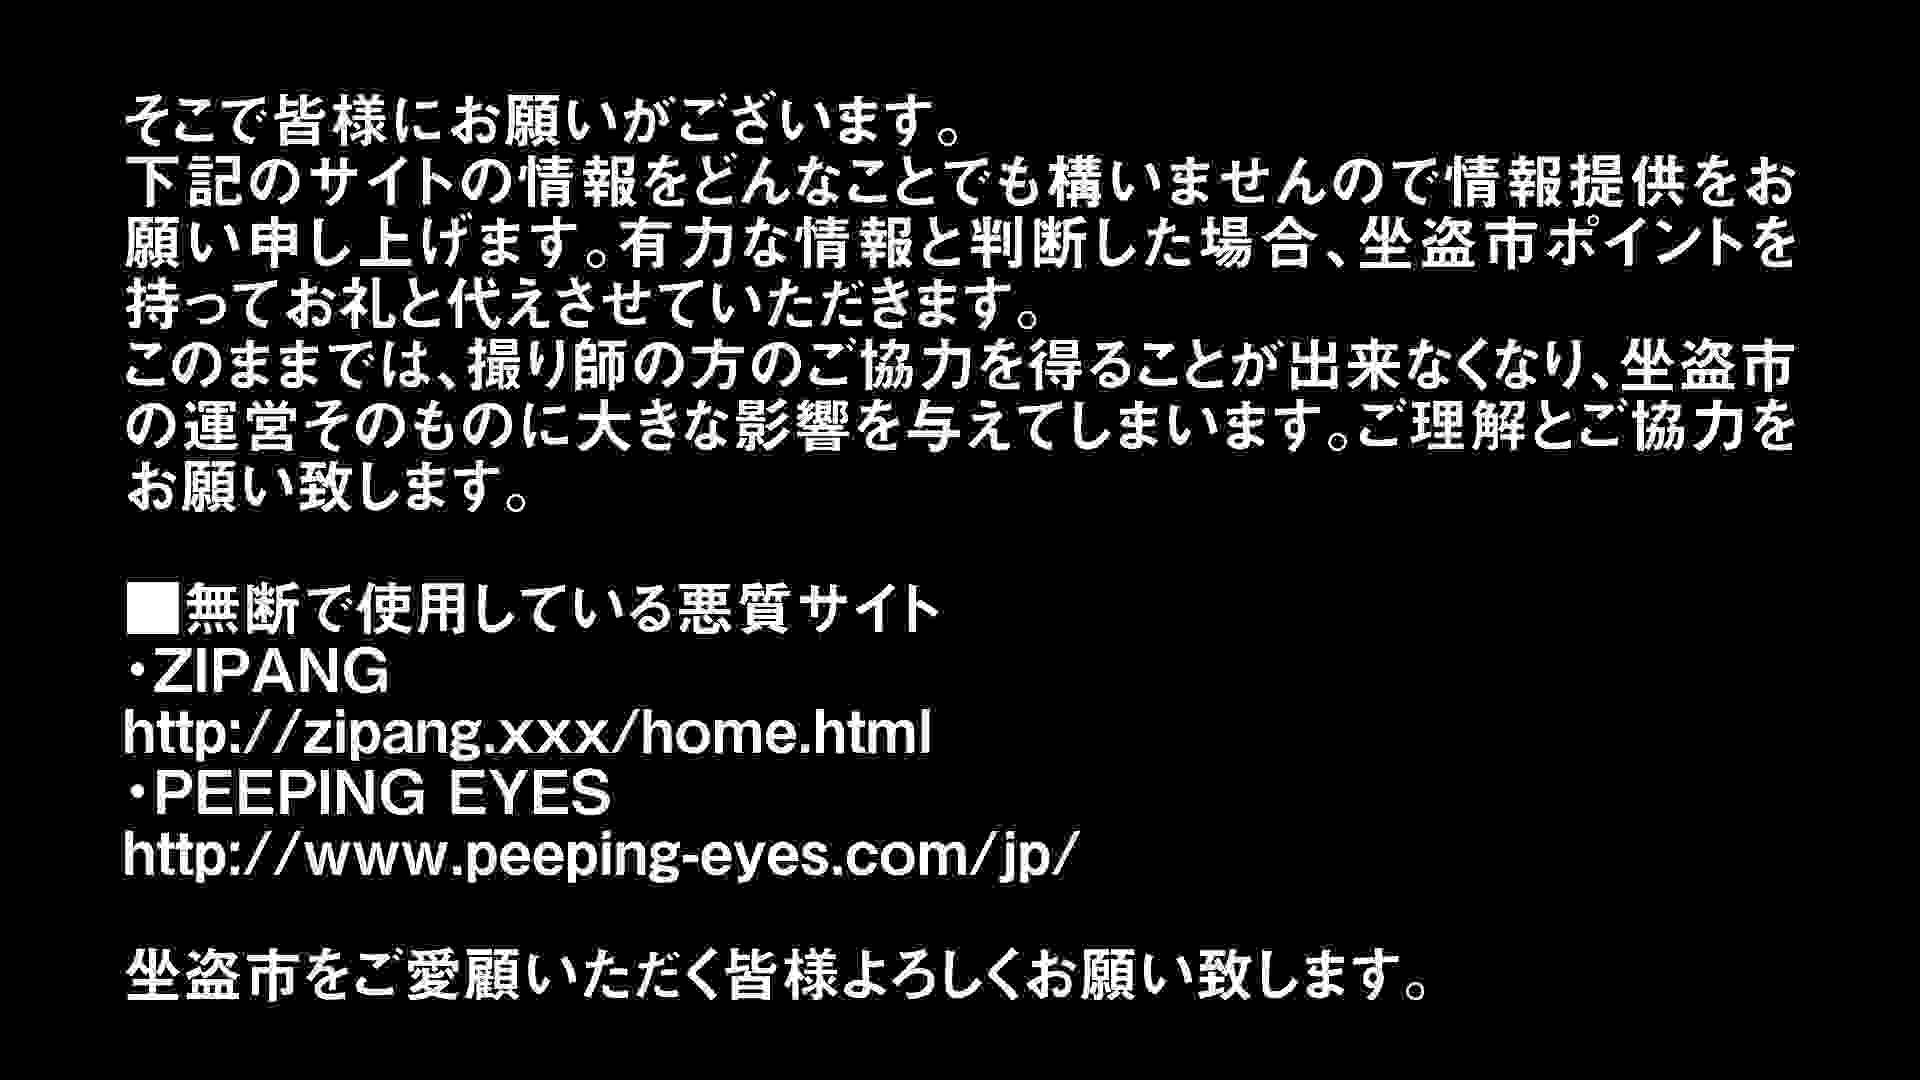 Aquaな露天風呂Vol.297 OLエロ画像 | 盗撮  99PICs 40